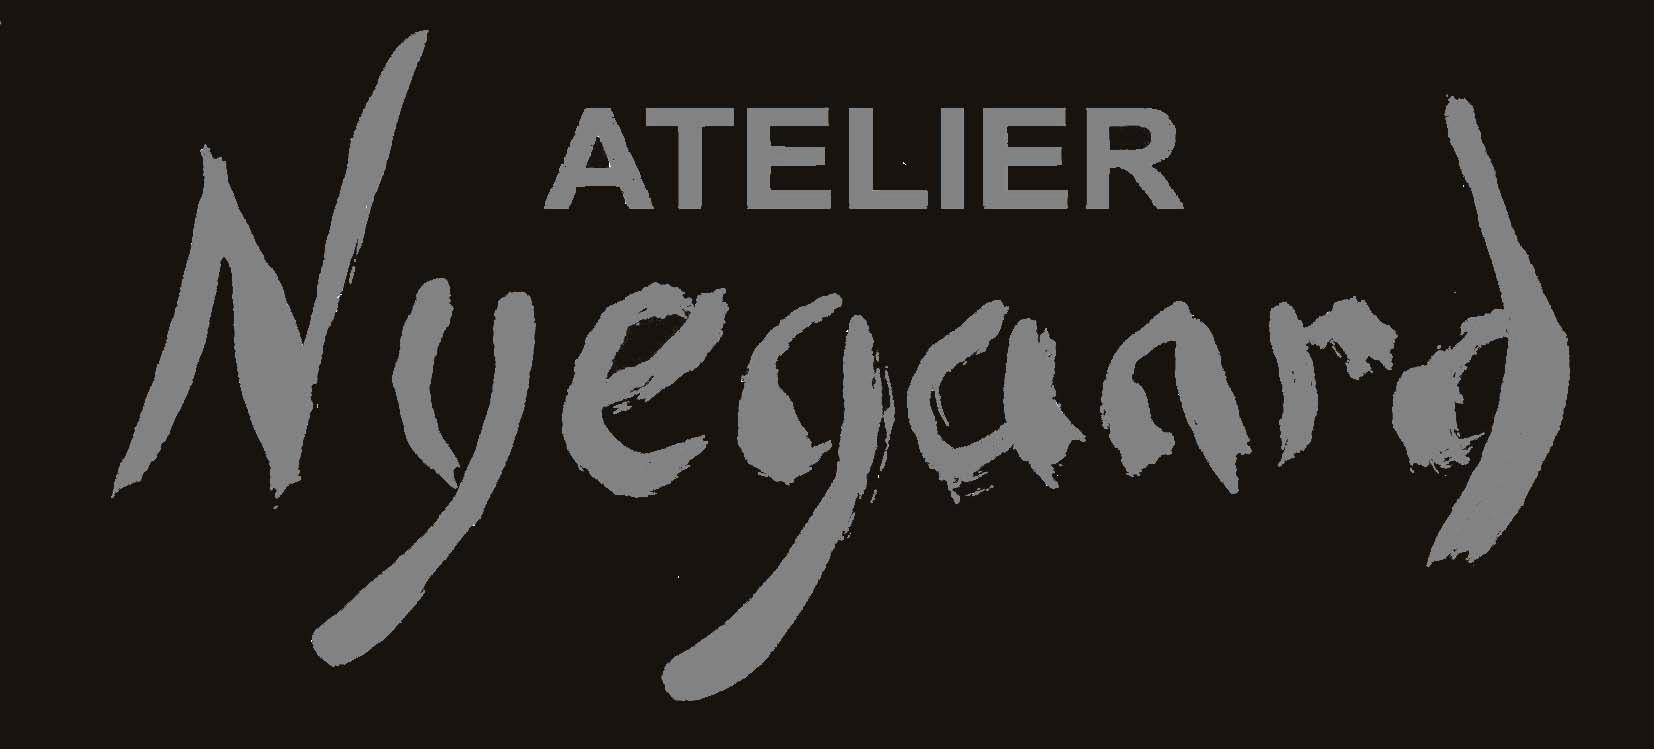 Atelier Nyegaard